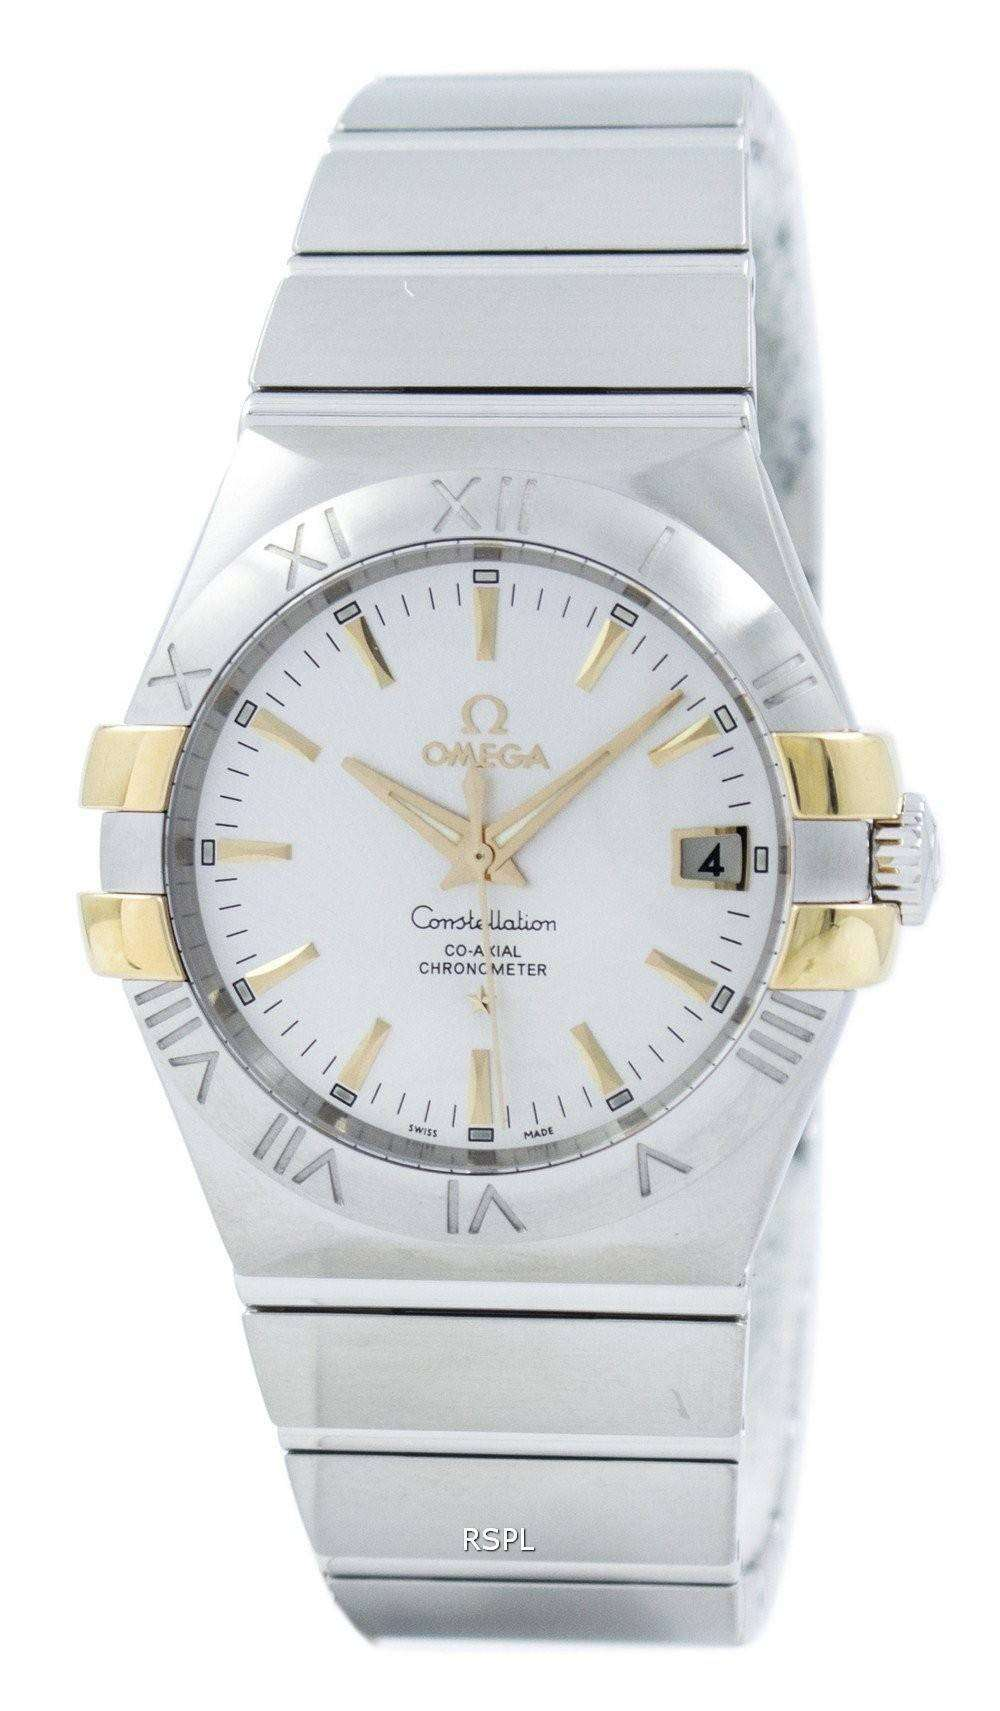 オメガ コンステレーション コーアクシャル クロノメーター 123.20.35.20.02.004 メンズ腕時計